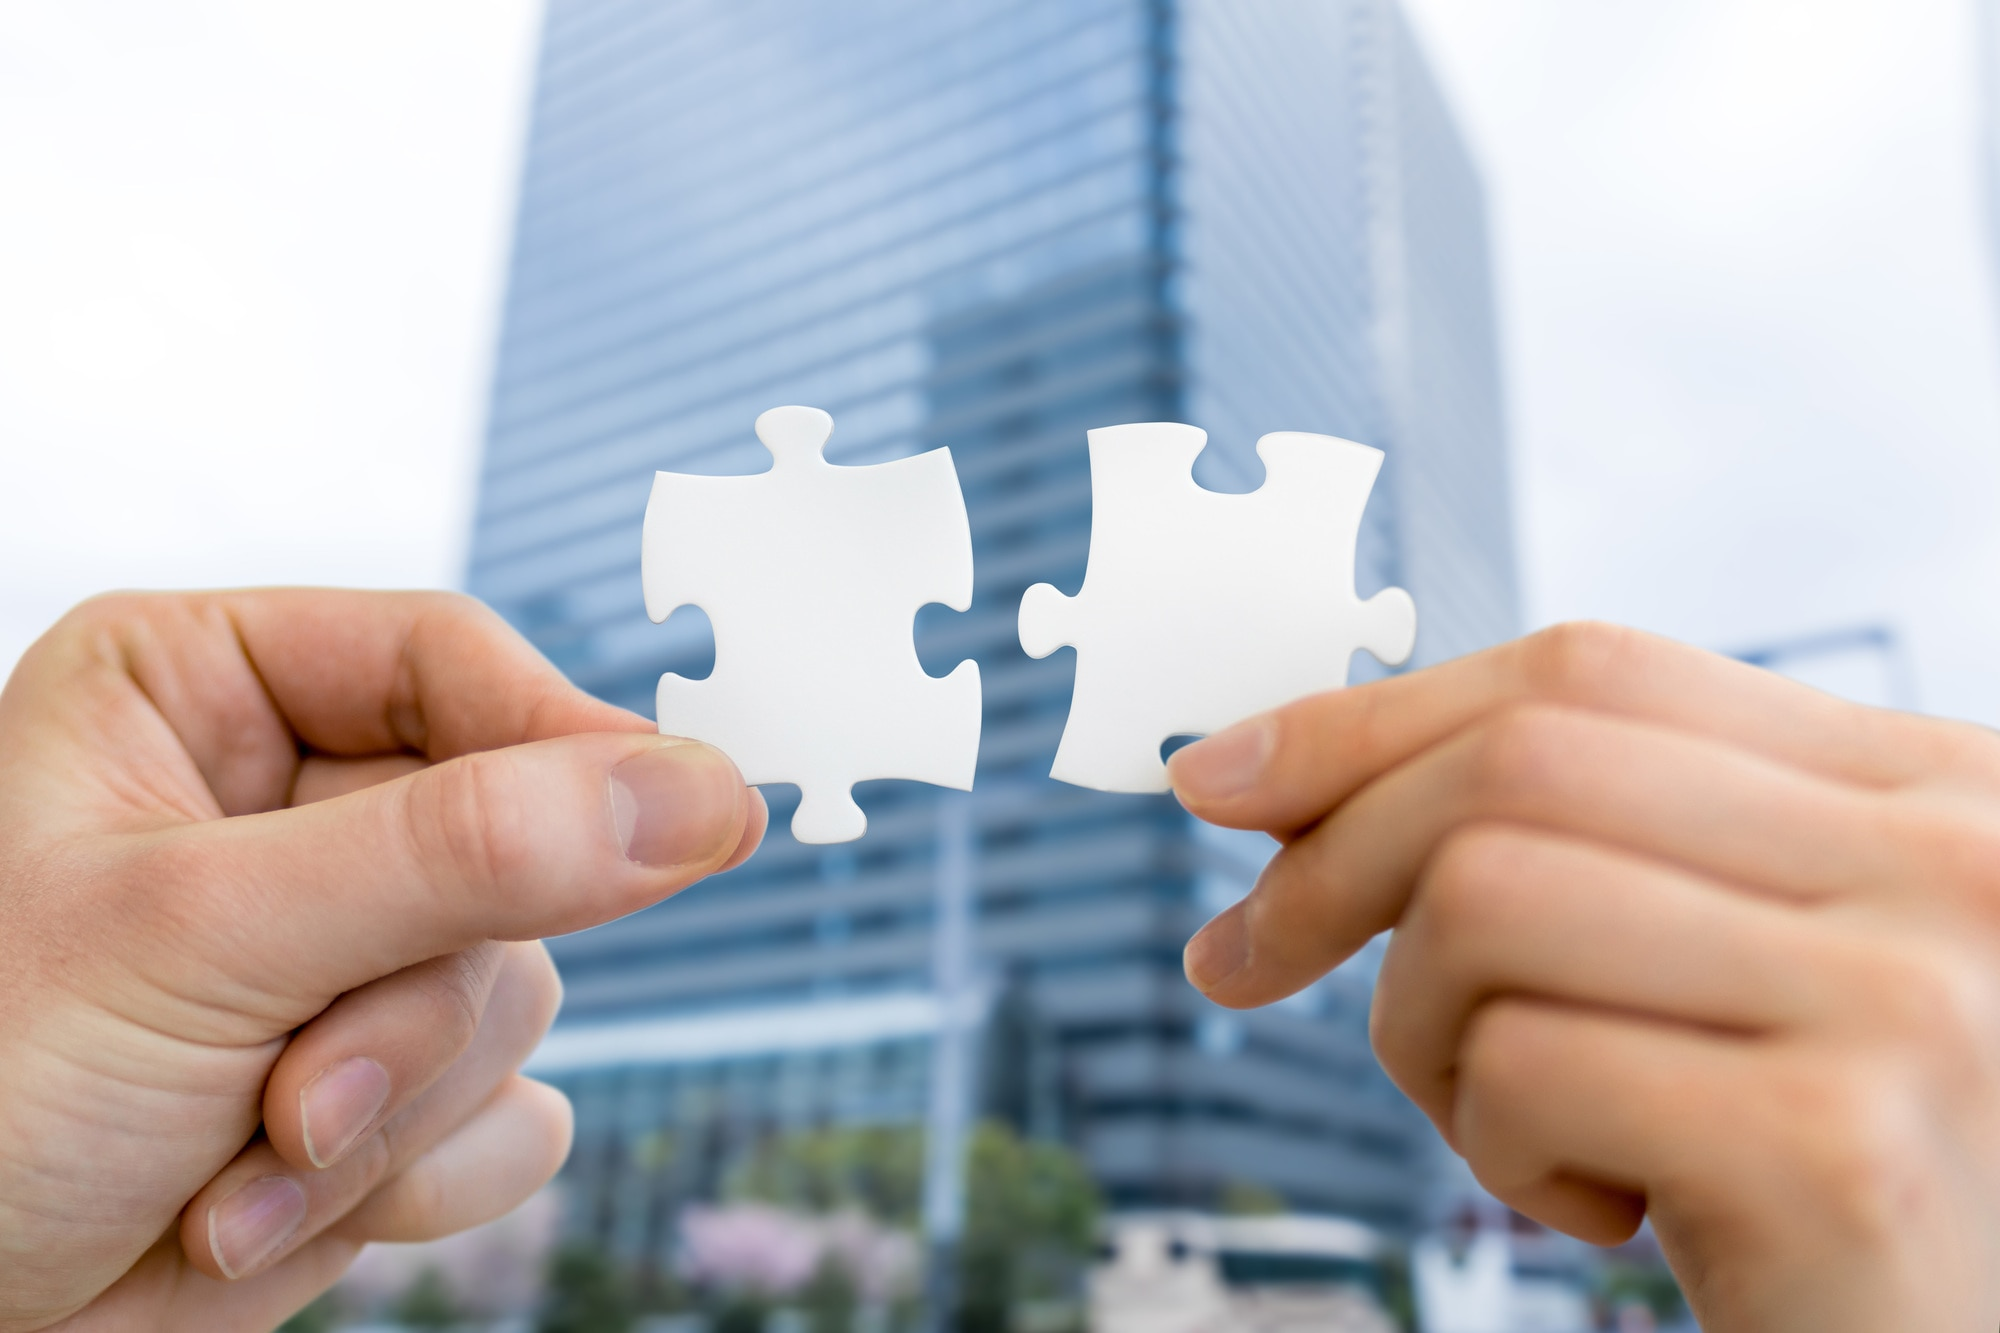 M&Aや業務改善におけるシステム統合の重要性と抱えている問題点 | CTC ...